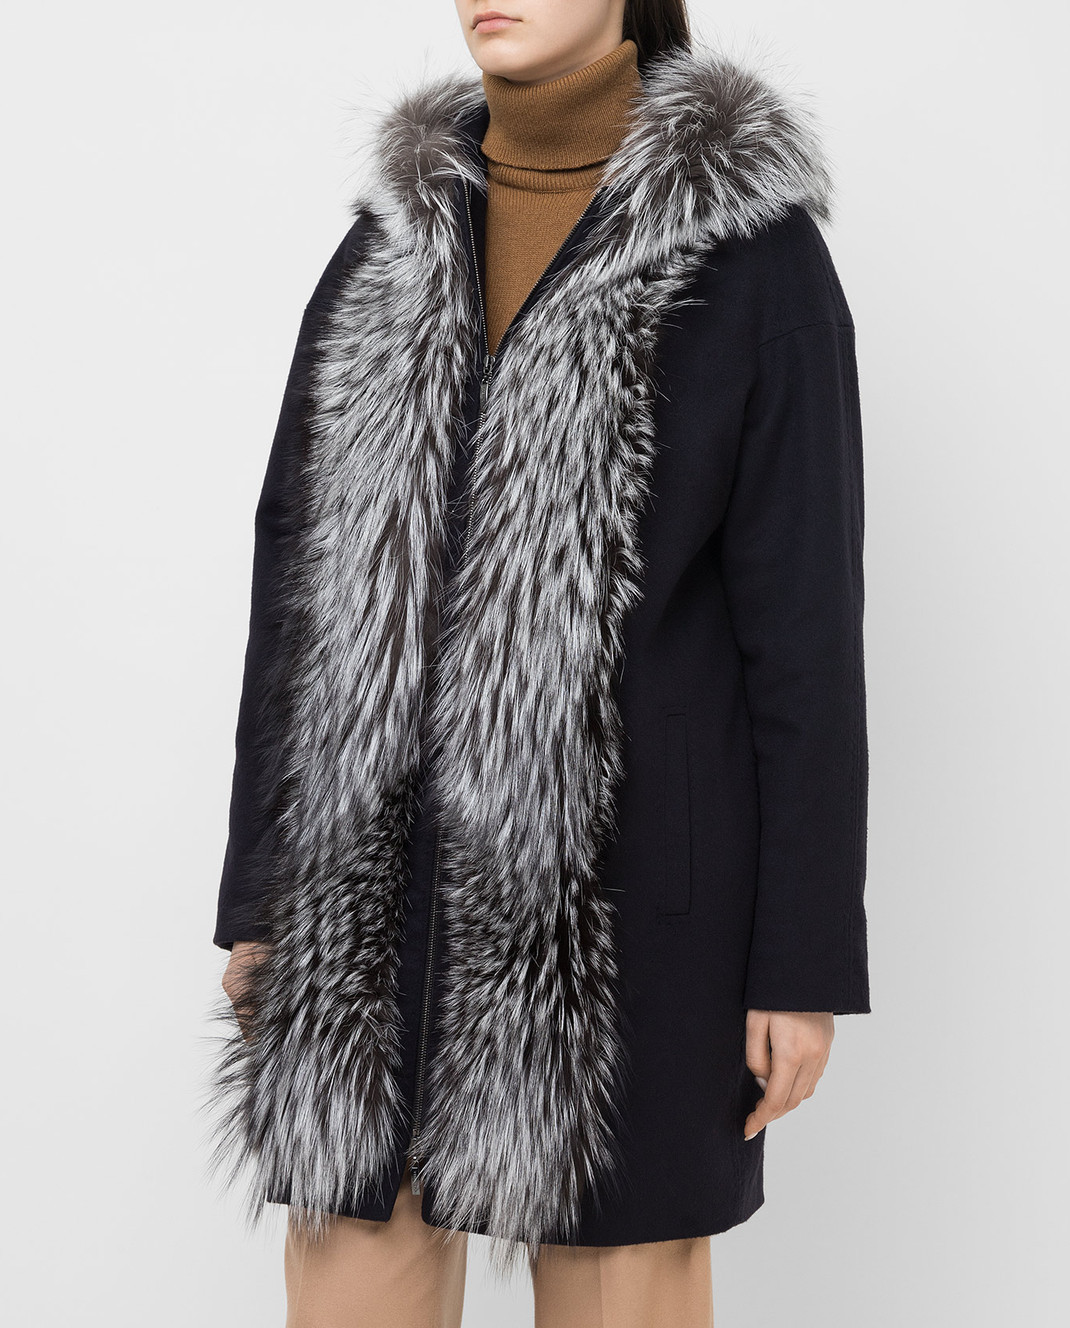 Via Cappella Темно-синее пальто из кашемира с мехом лисы P11785CASHMERE изображение 3